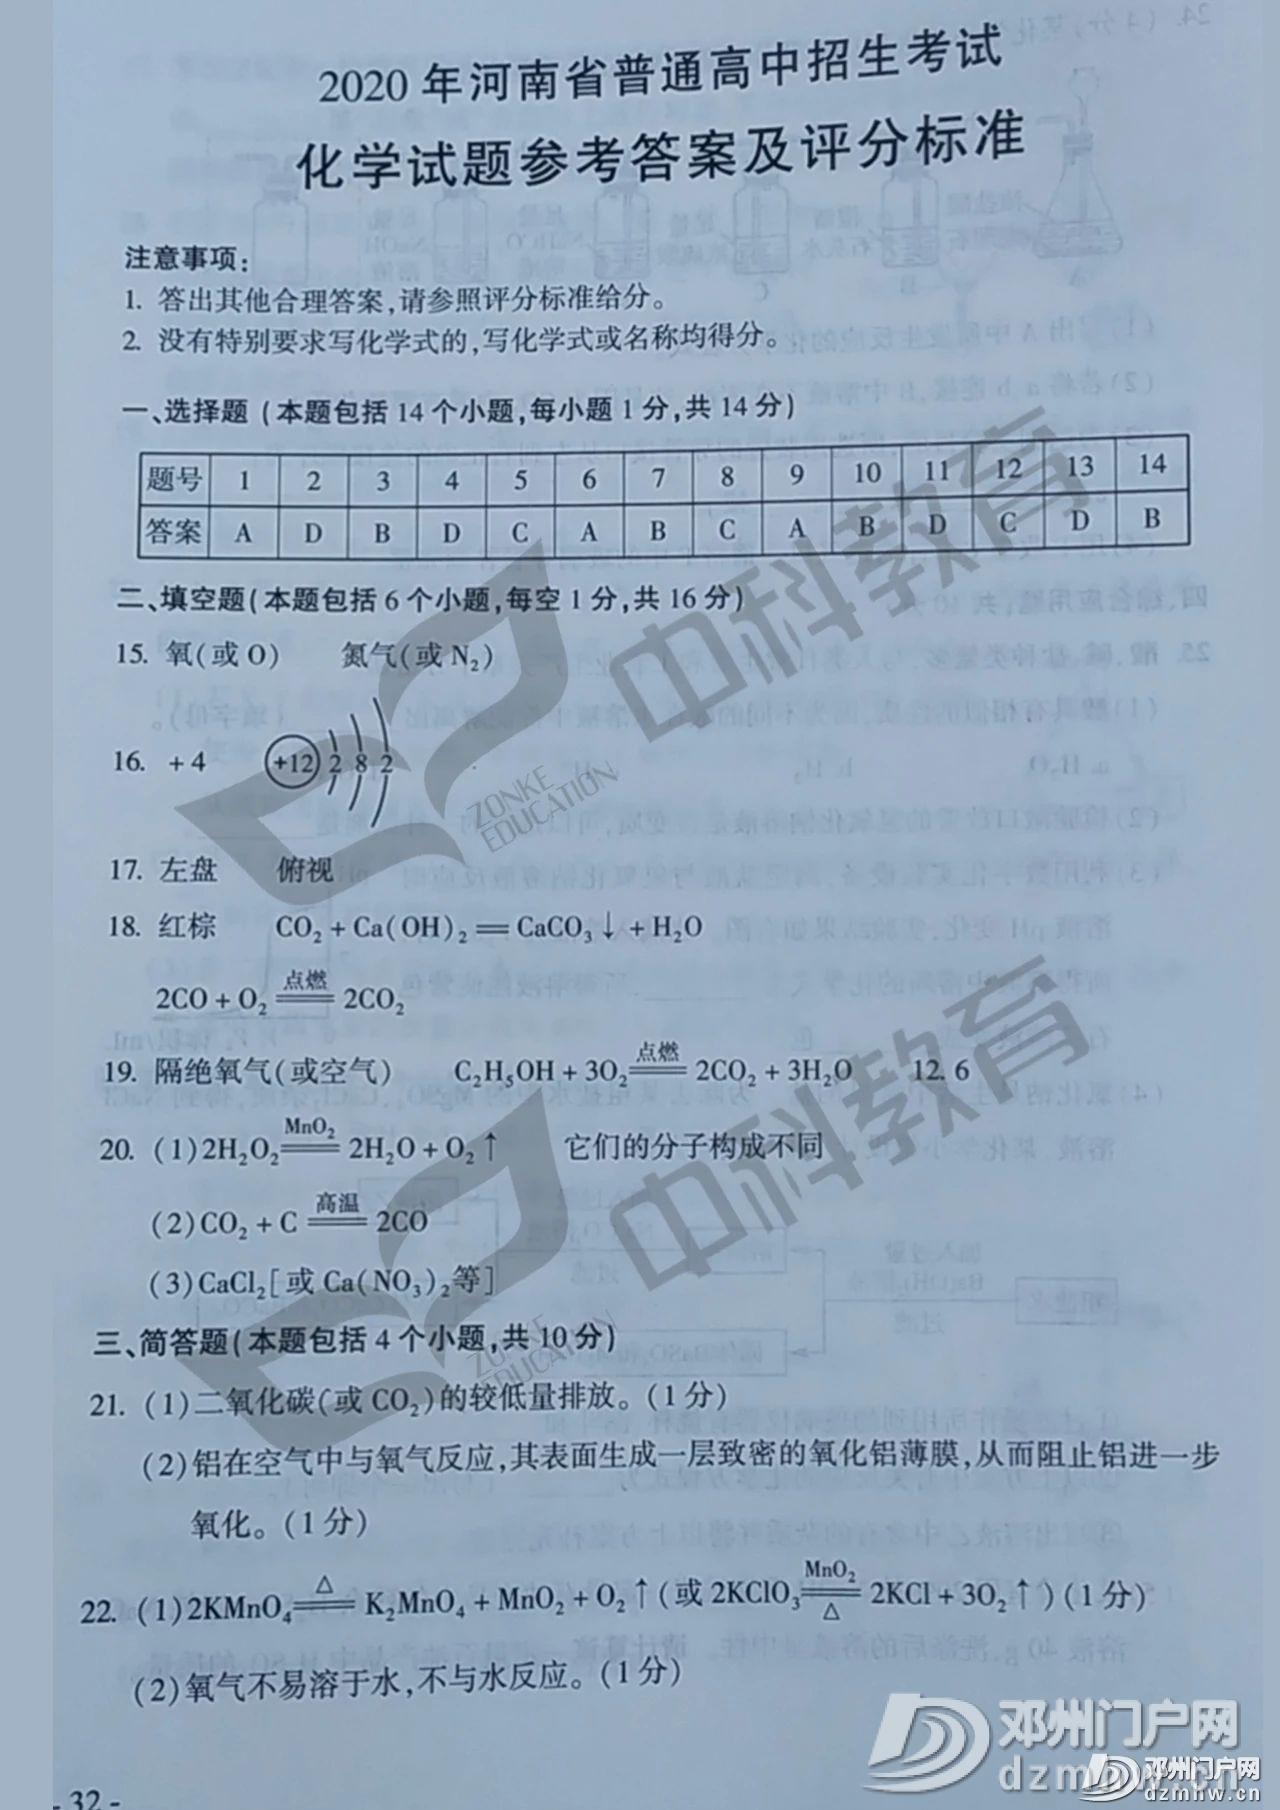 最新!邓州2020年中招各科试题及答案公布,请转发给身边的初三学生家长! - 邓州门户网|邓州网 - c7f5245d85bfe2f73109b349cc9b2d3a.jpg